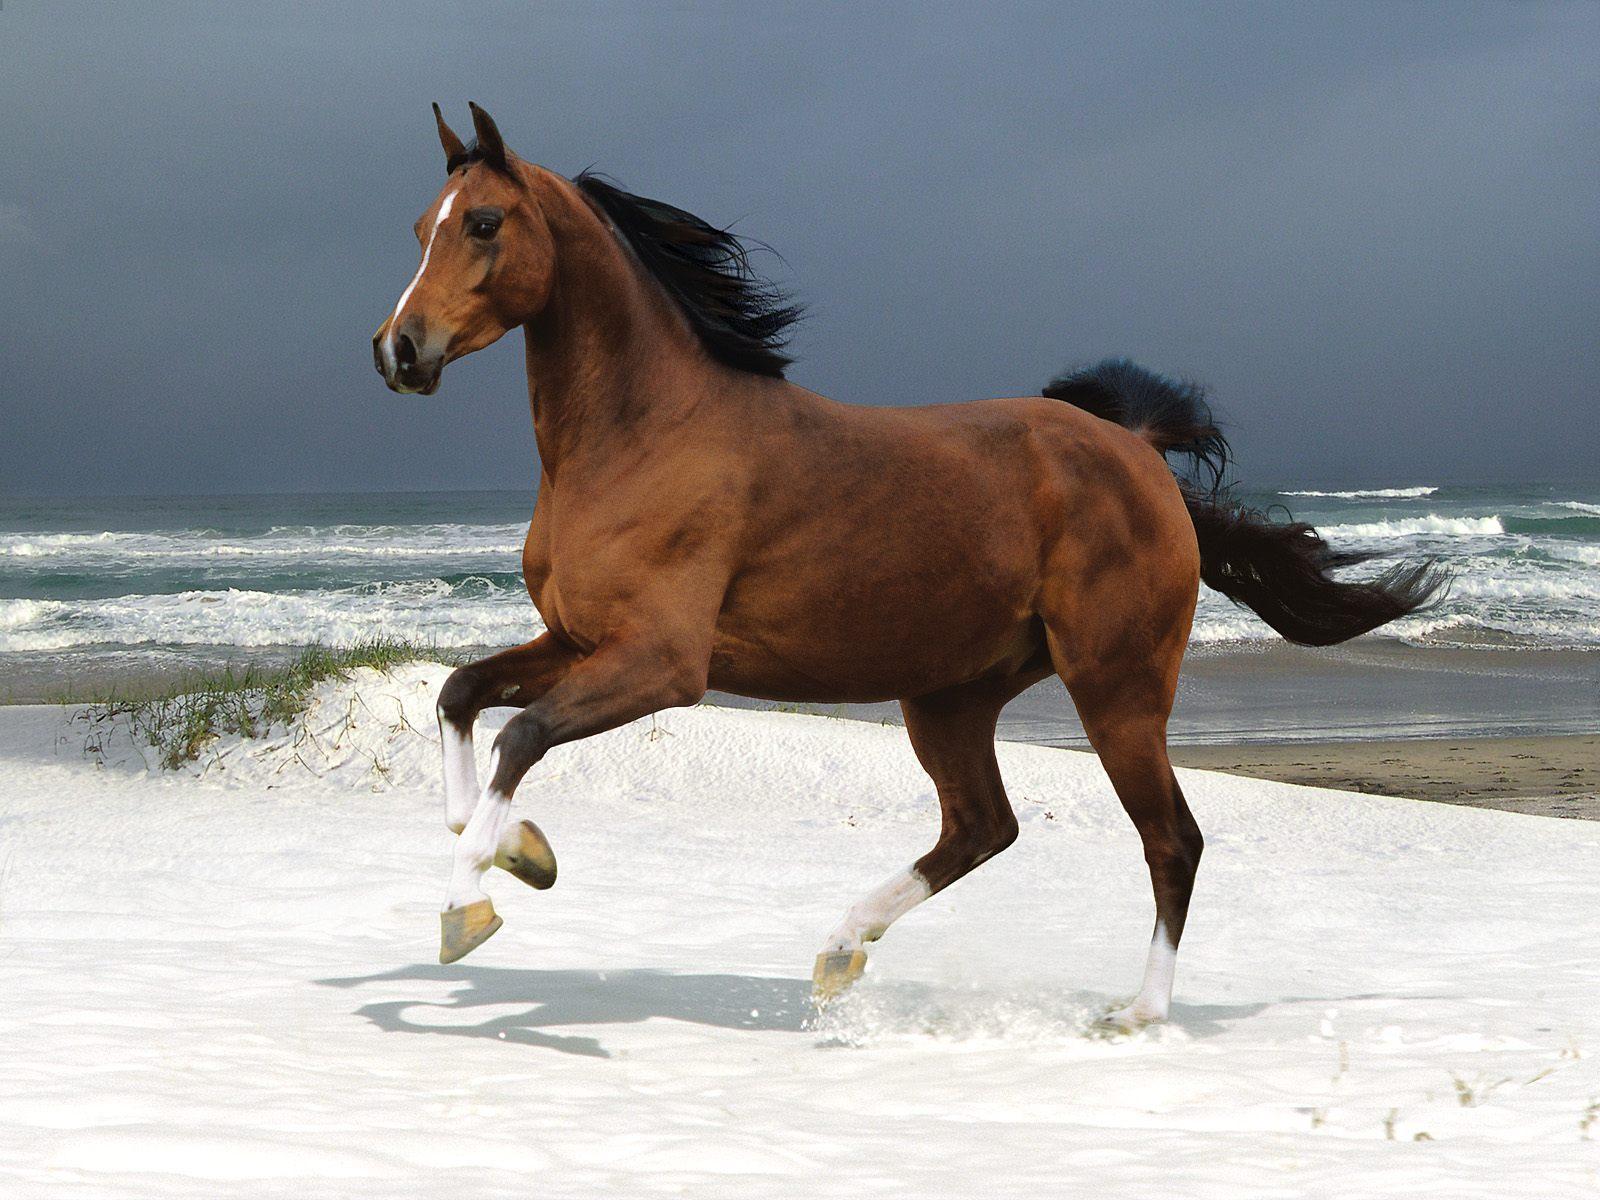 http://2.bp.blogspot.com/-w3aiUxgp-Pg/TfLcA6audJI/AAAAAAAAncg/gbr_mZxF_G0/s1600/Horses%2BWallpaper%2B%25284%25291.JPG